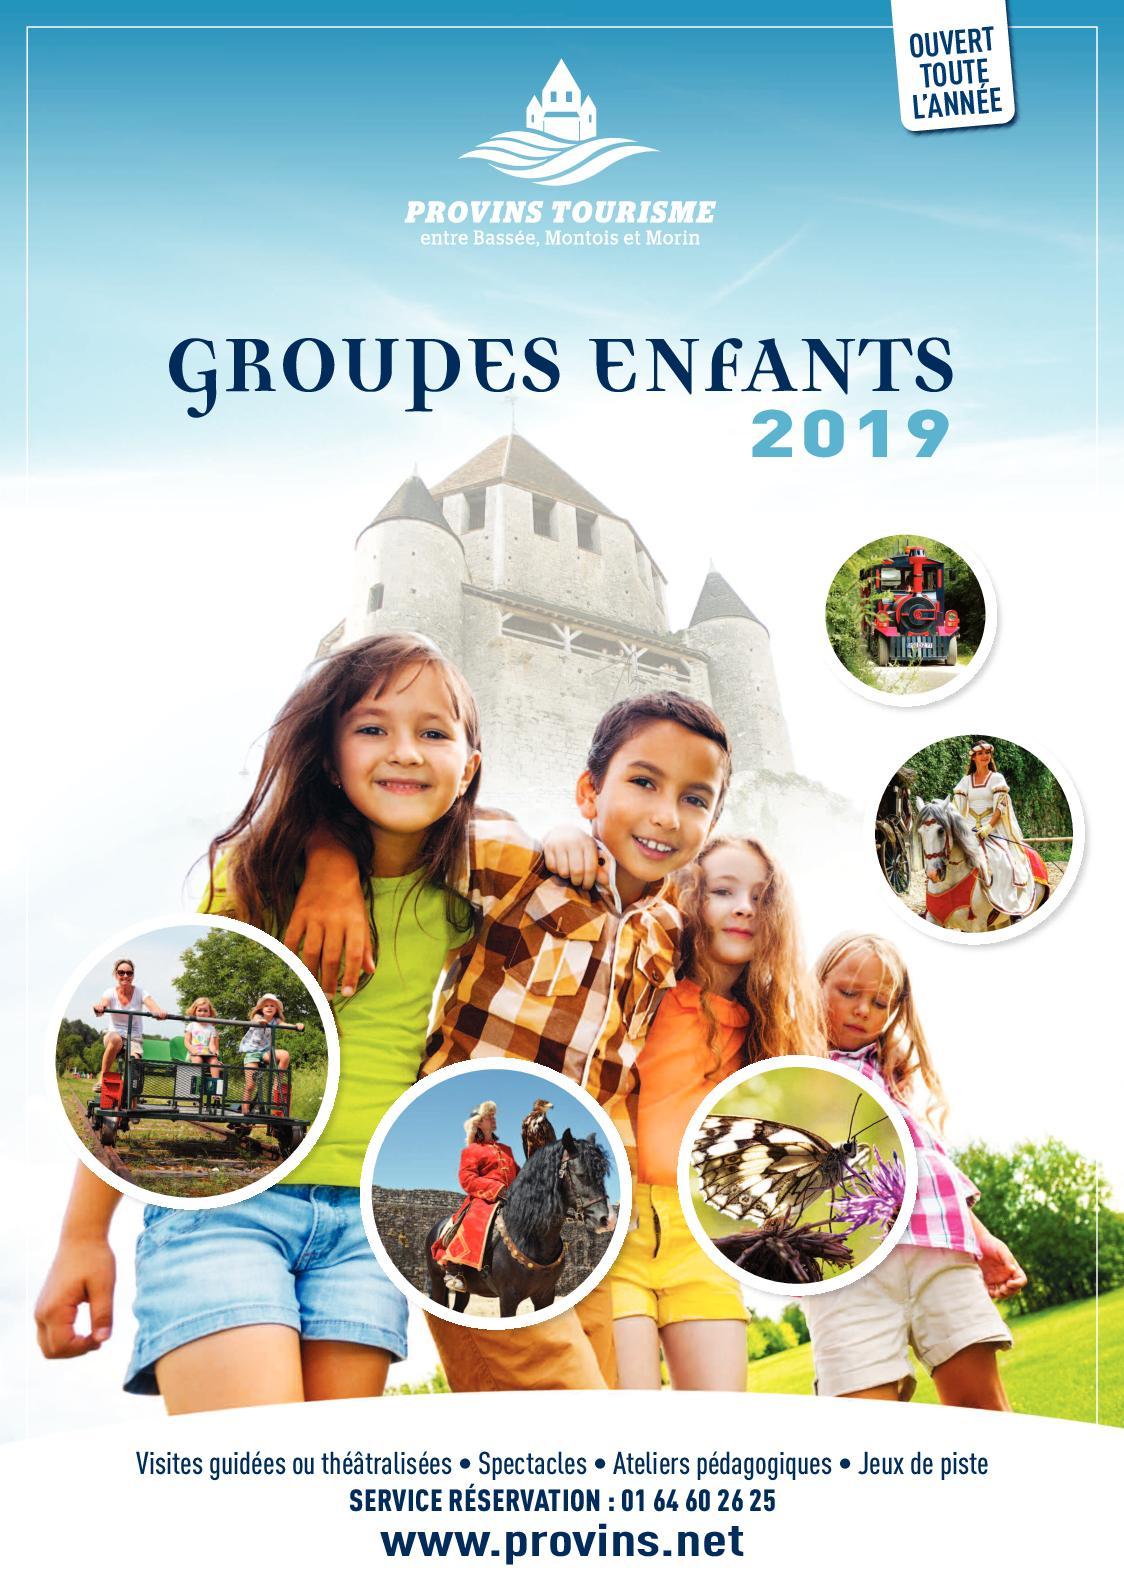 Calaméo - PROVINS TOURISME GROUPES ENFANTS 2019 c5f4616566b